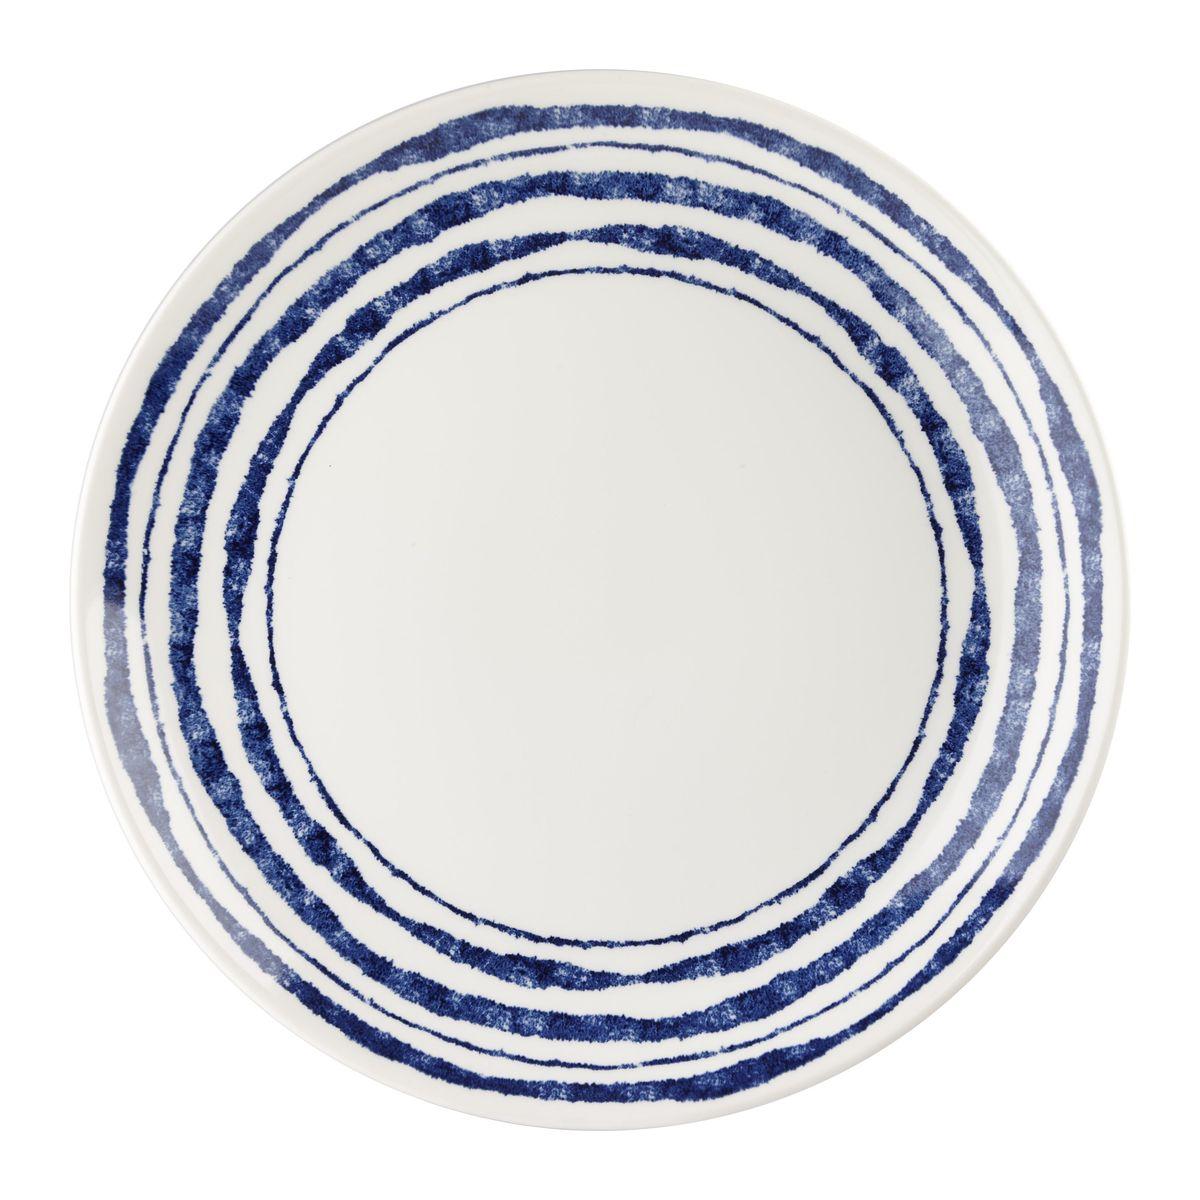 """Тарелка Churchill """"Инки""""  выполнена из высококачественного фаянса. Изделие сочетает в себе  изысканный дизайн с максимальной  функциональностью. Тарелка прекрасно впишется в  интерьер вашей кухни и станет достойным  дополнением к кухонному инвентарю.  Тарелка Churchill """"Инки"""" подчеркнет прекрасный вкус хозяйки и станет отличным  подарком.   Можно мыть в посудомоечной машине и использовать в микроволновой печи.   Диаметр тарелки (по верхнему краю): 26 см."""